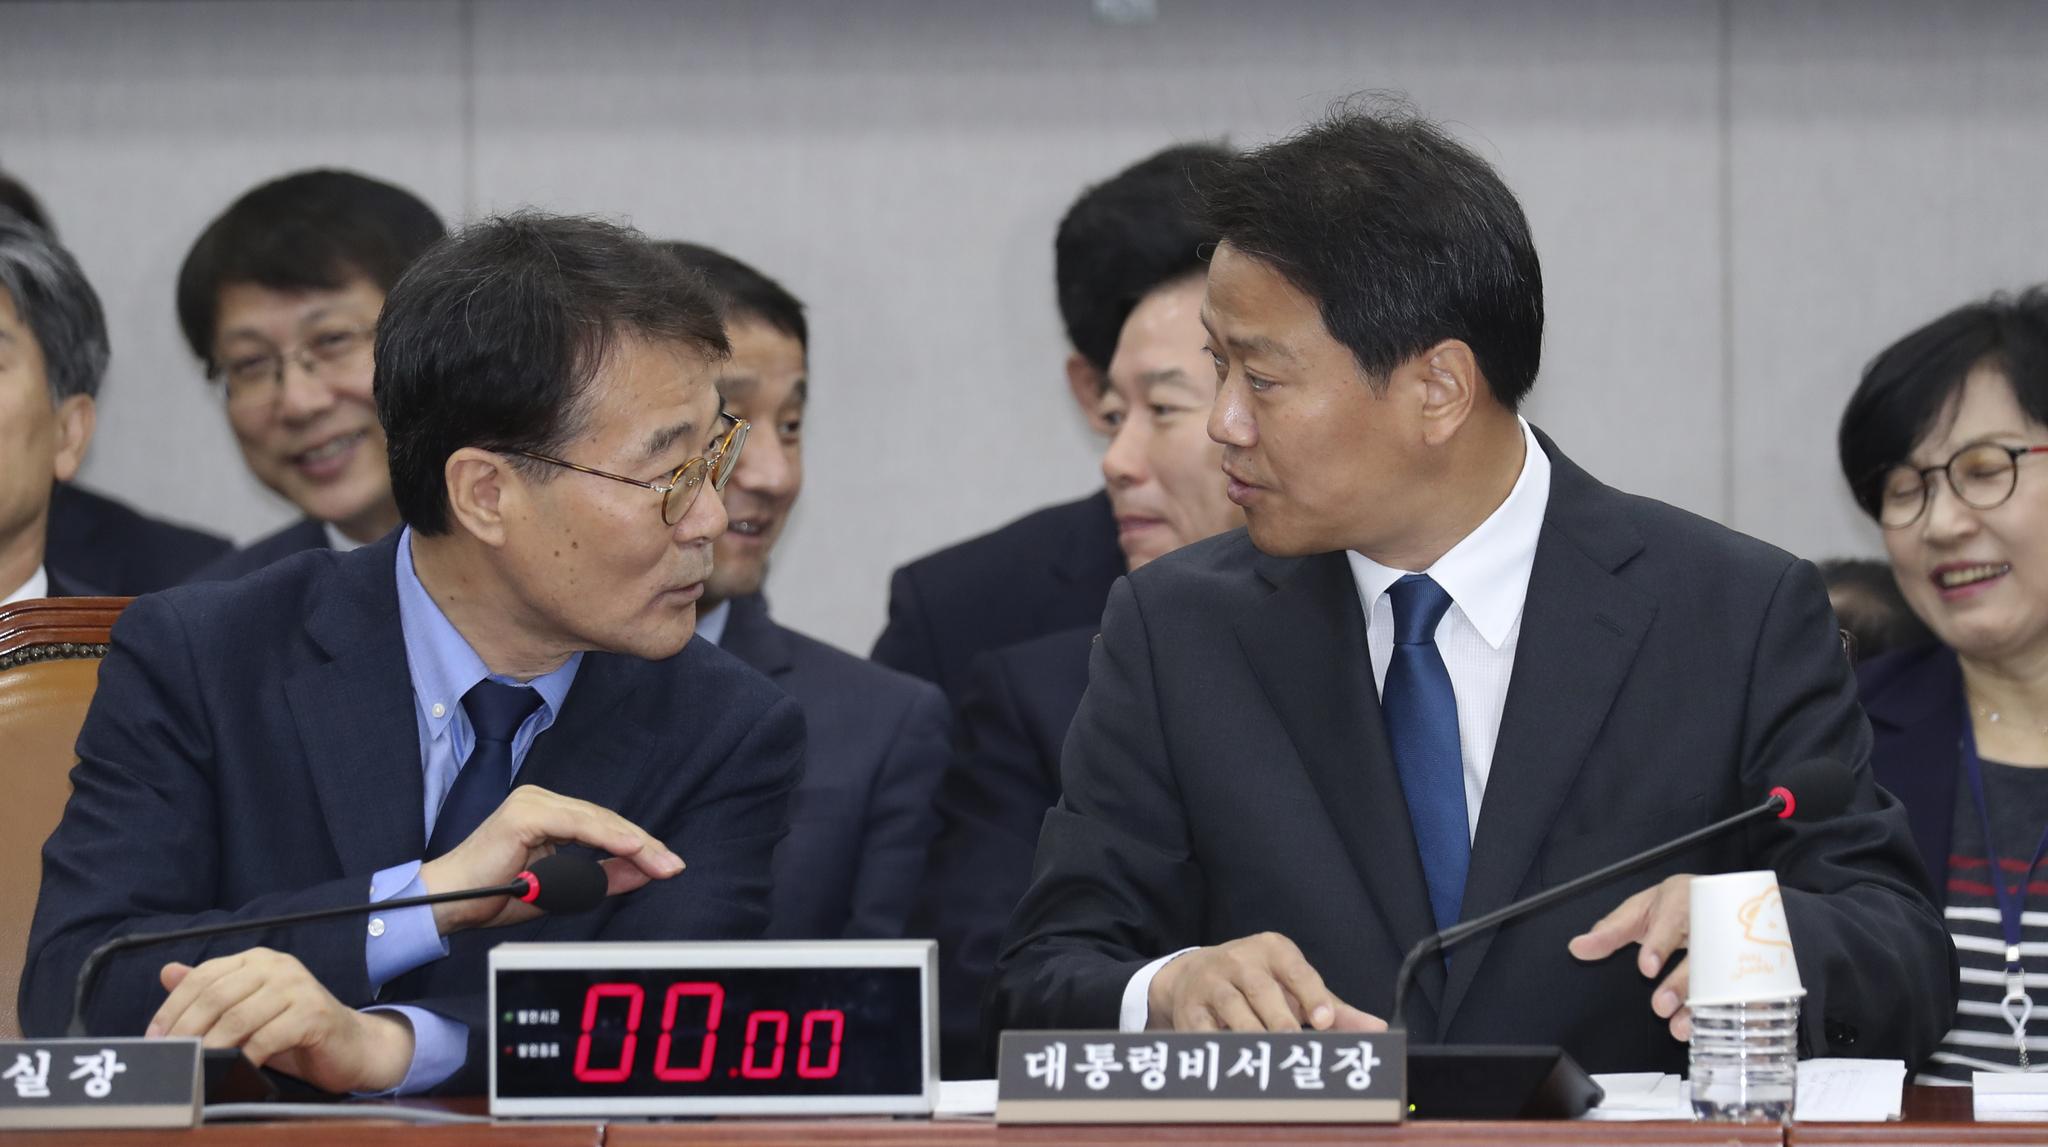 임종석 청와대 비서실장(오른쪽)과 장하성 정책실장이 6일 국회에서 열린 국회 운영위원회의 청와대에 대한 국정감사에서 대화하고 있다. 임현동 기자